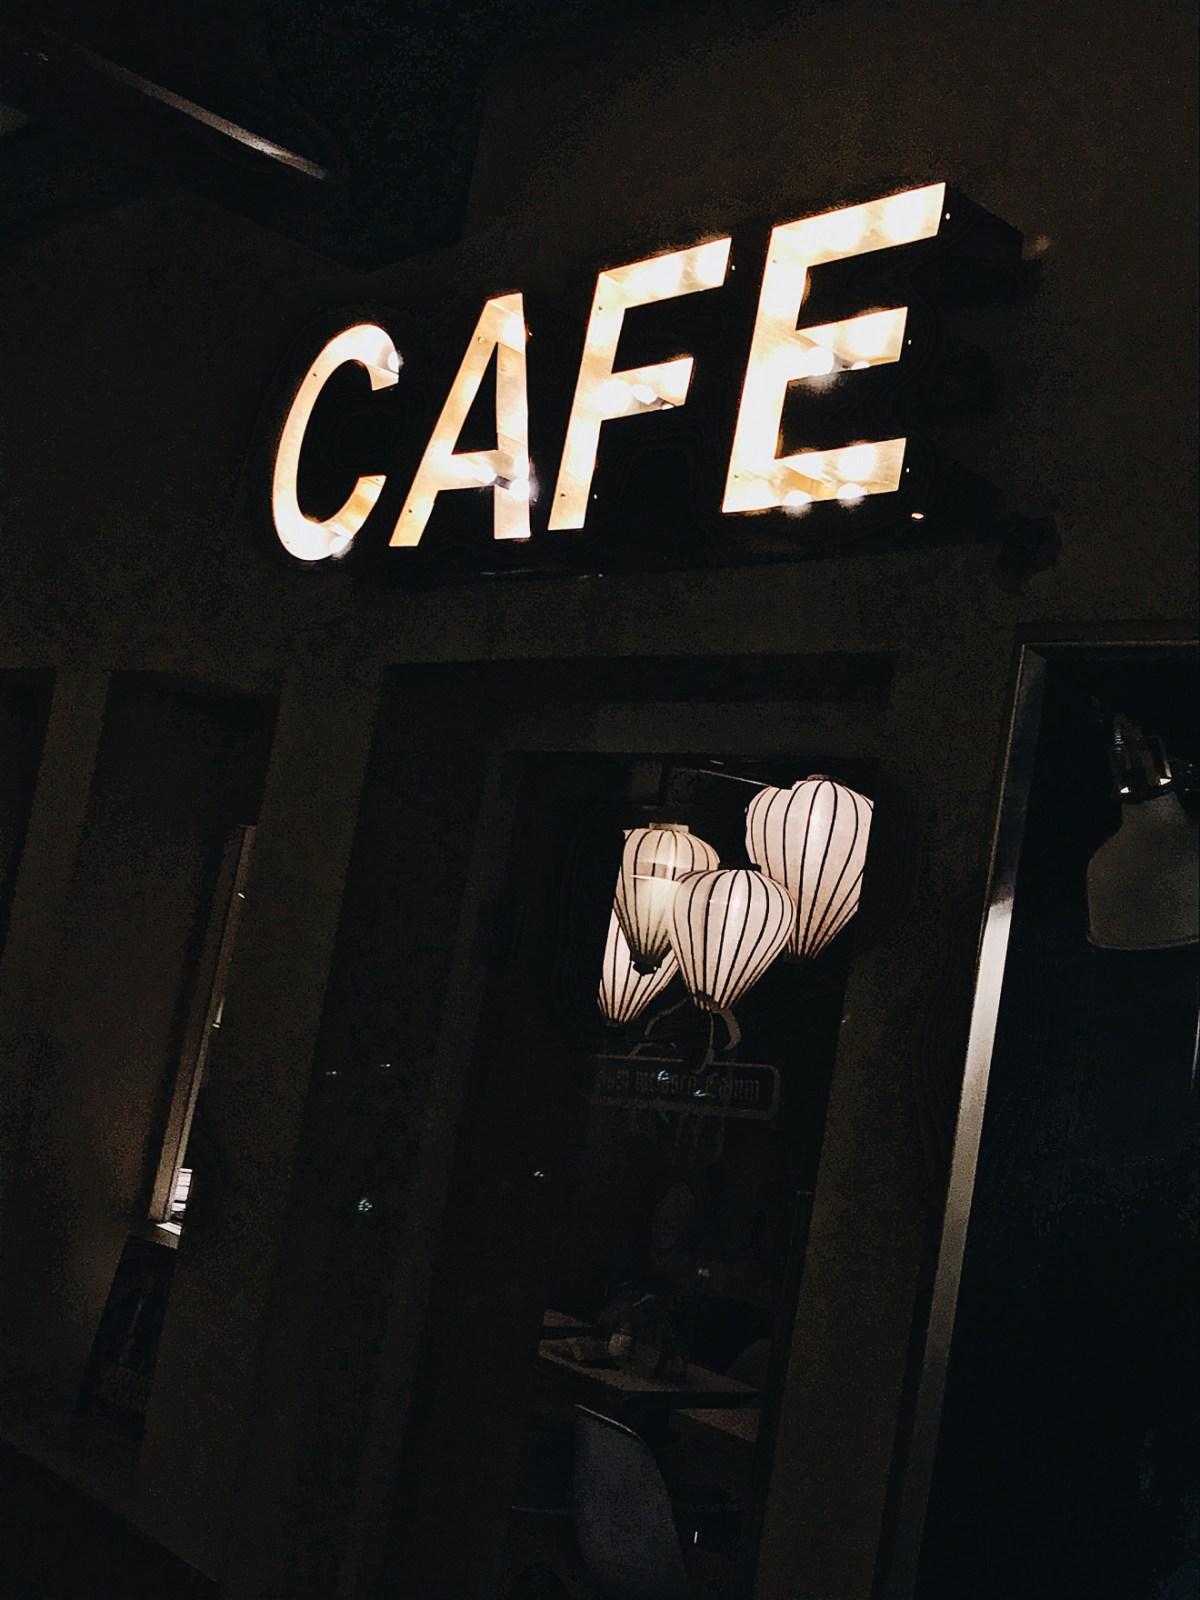 Gastroguide_Lammlichtspiele_erlangen_Cafezumweissenlamm